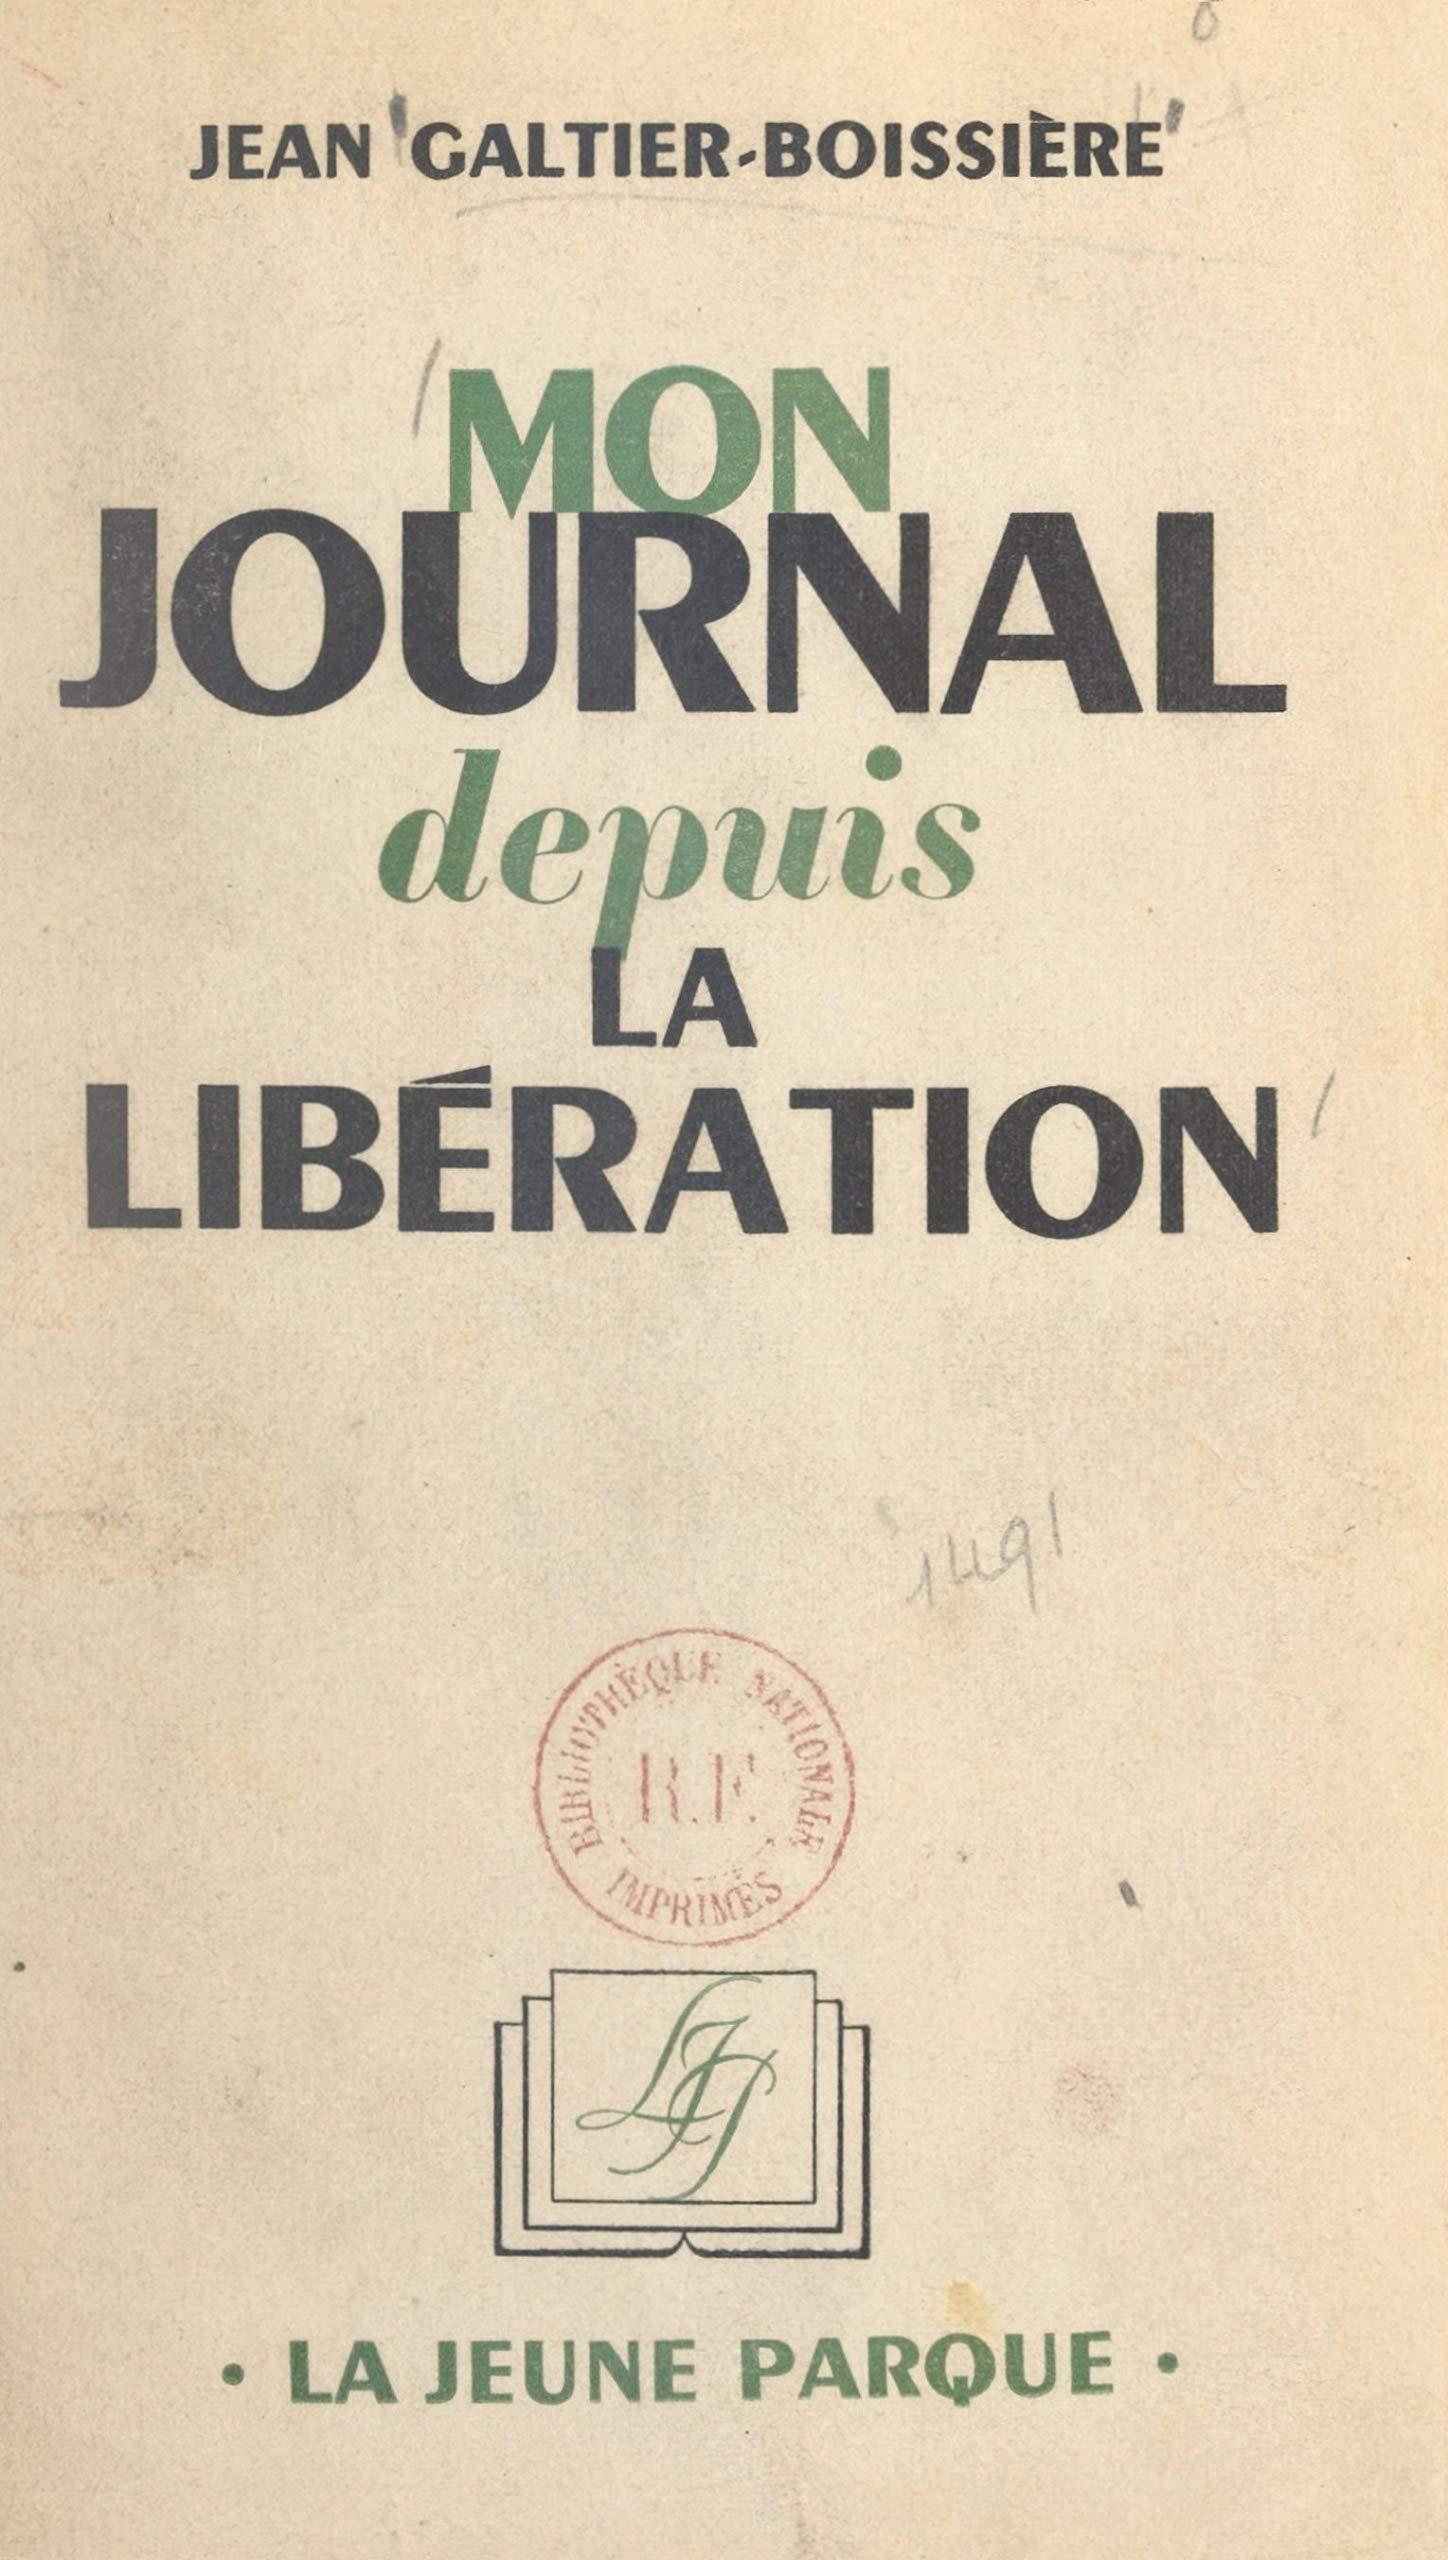 Mon journal depuis la Libération Jean Galtier-Boissière